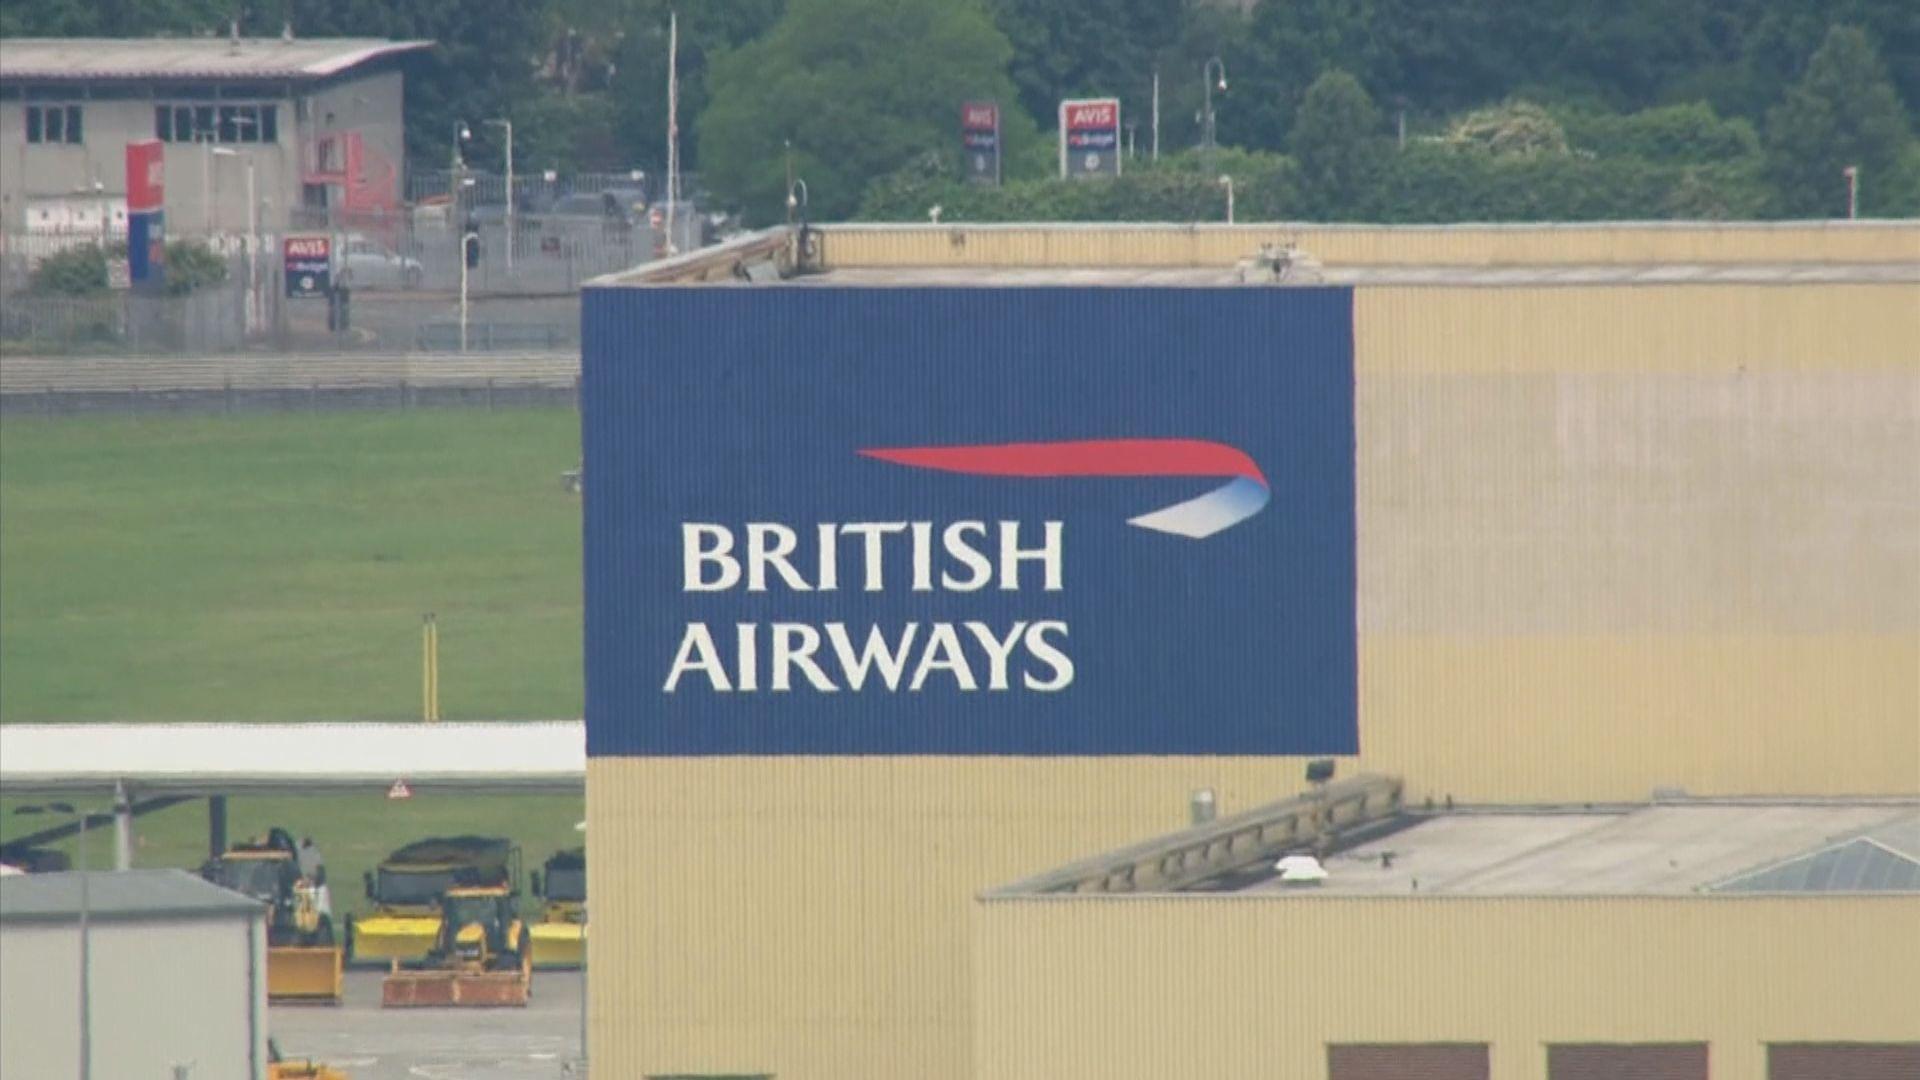 英航洩顧客個人資料被罰1.83億英鎊